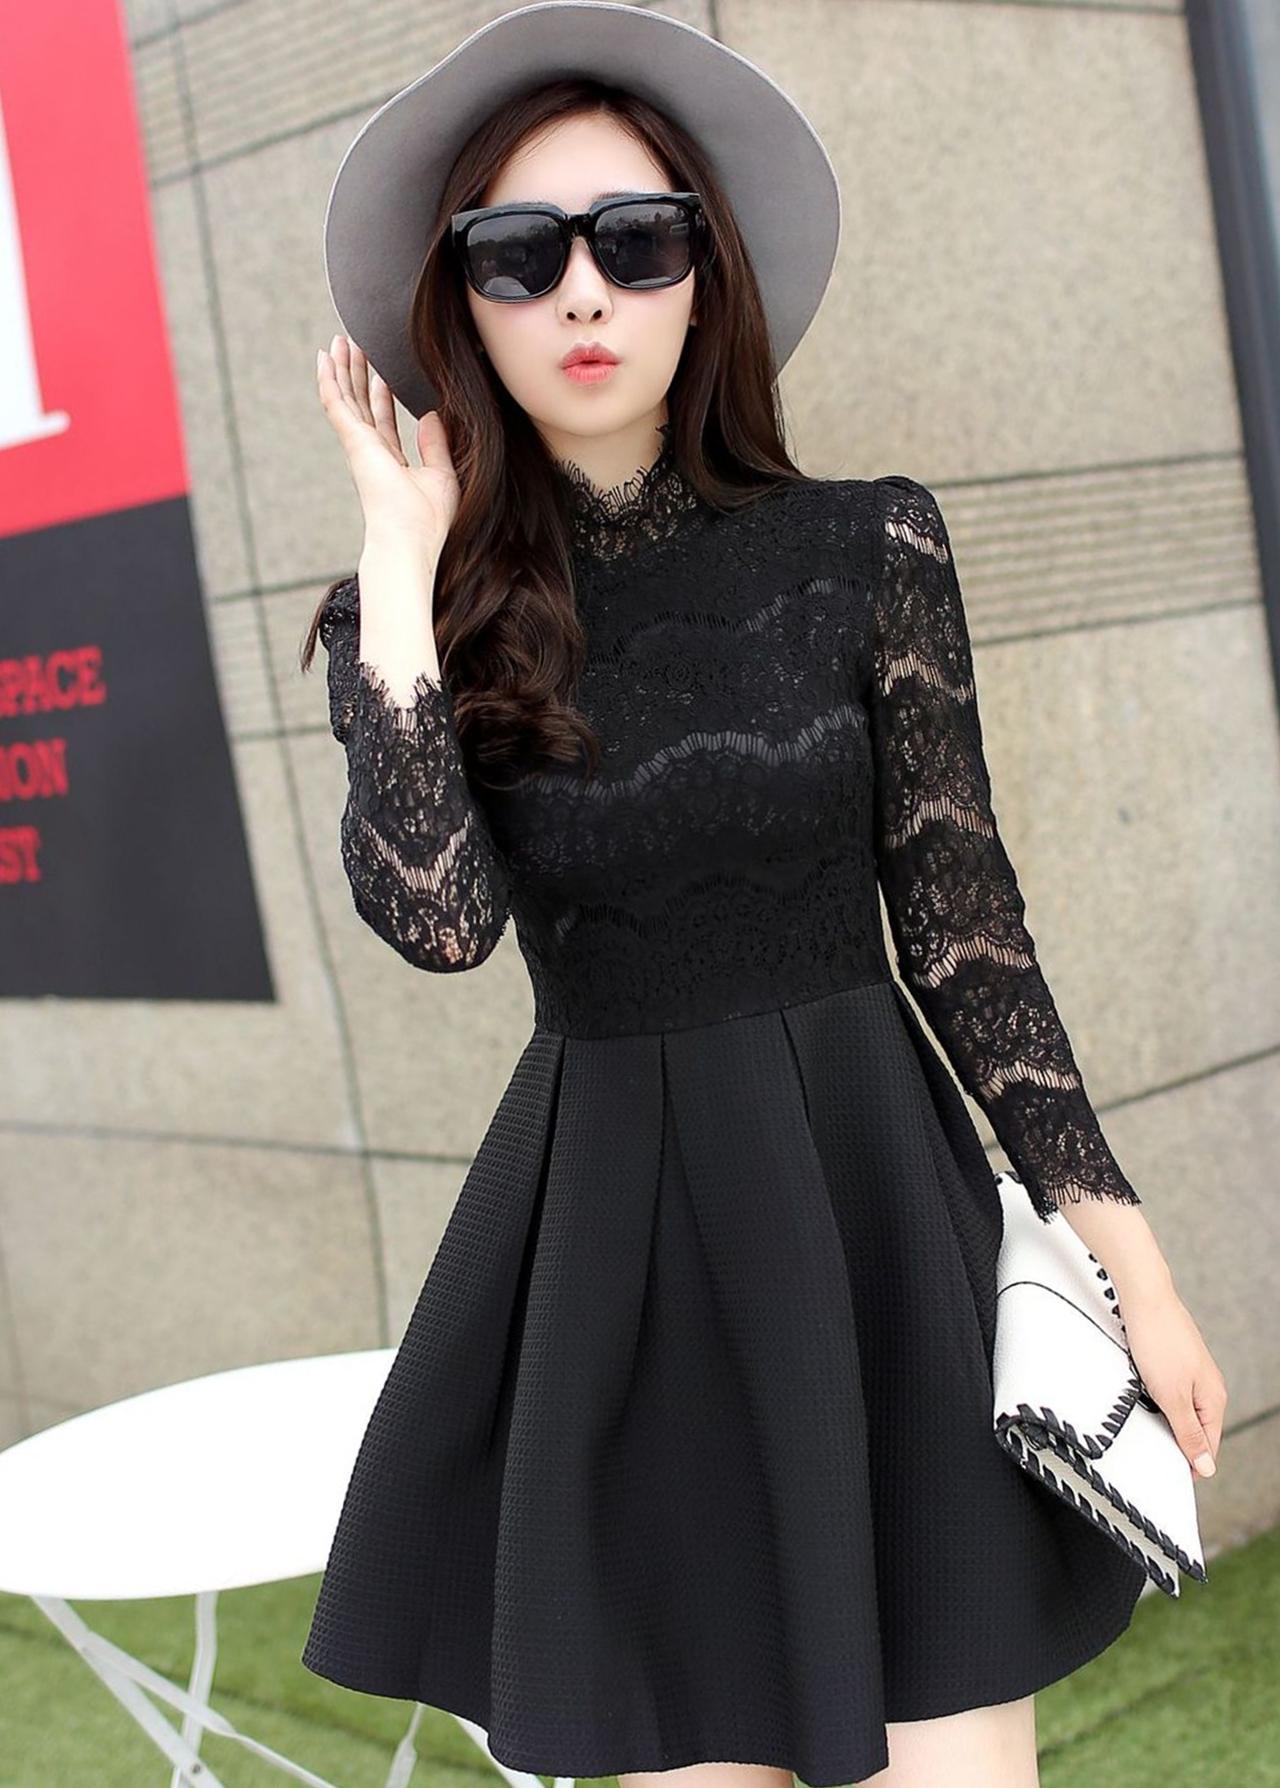 ชุดเดรสสั้นสีดำ ผ้าลูกไม้ แขนยาว แนวคุณหนู เรียบร้อย สวยหรู ดูดี สไตล์เกาหลี